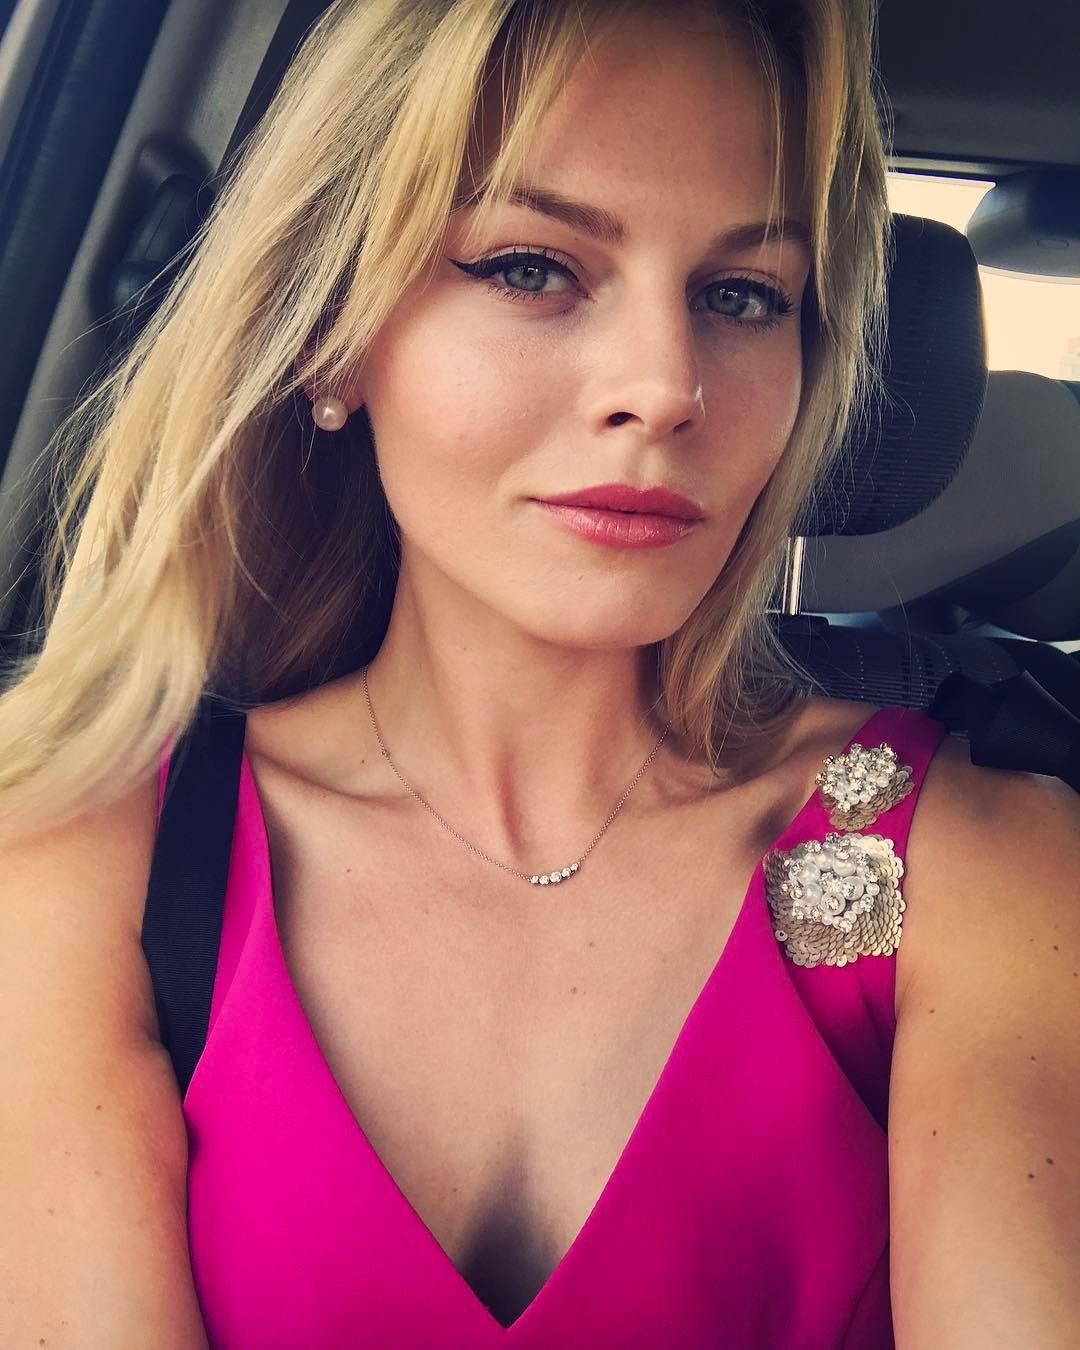 Анастасия Стежко: #короче #короче2017 Наконец я попала на этот Кинофестиваль! И что особенно приятно, он проходит в родном городе среди родных людей  с нетерпением жду миллион встреч вечером